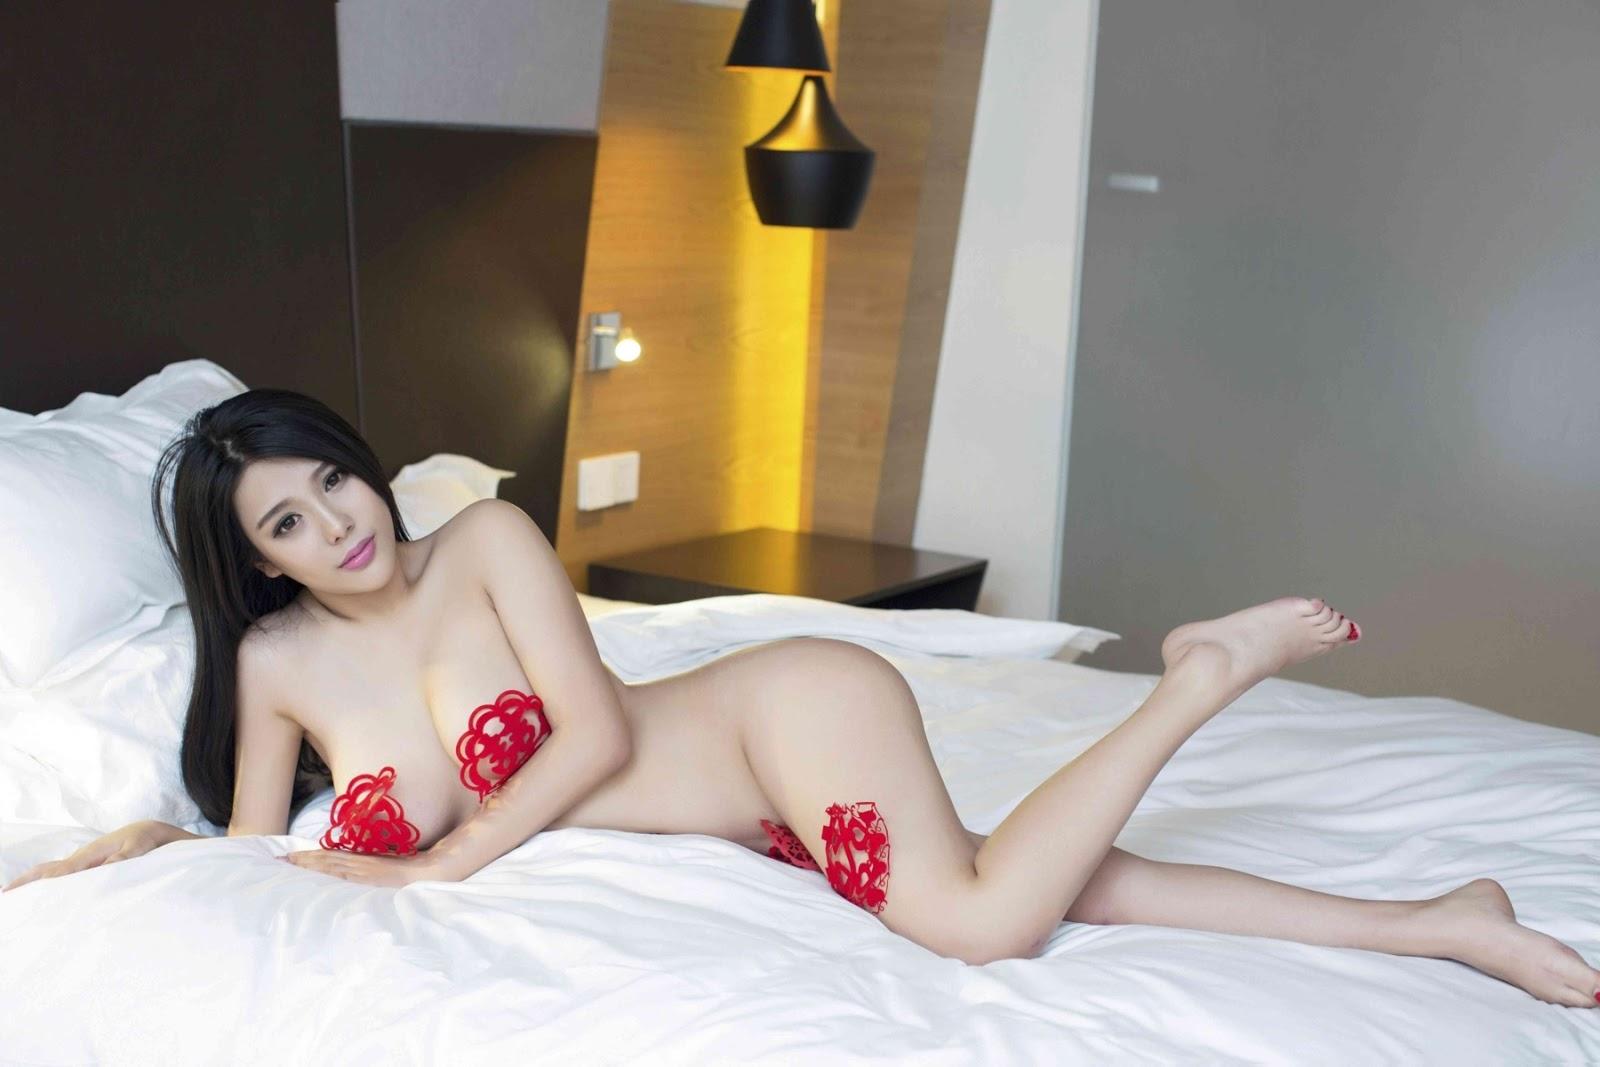 girls-naked-chinese-girl-video-website-tube-erotic